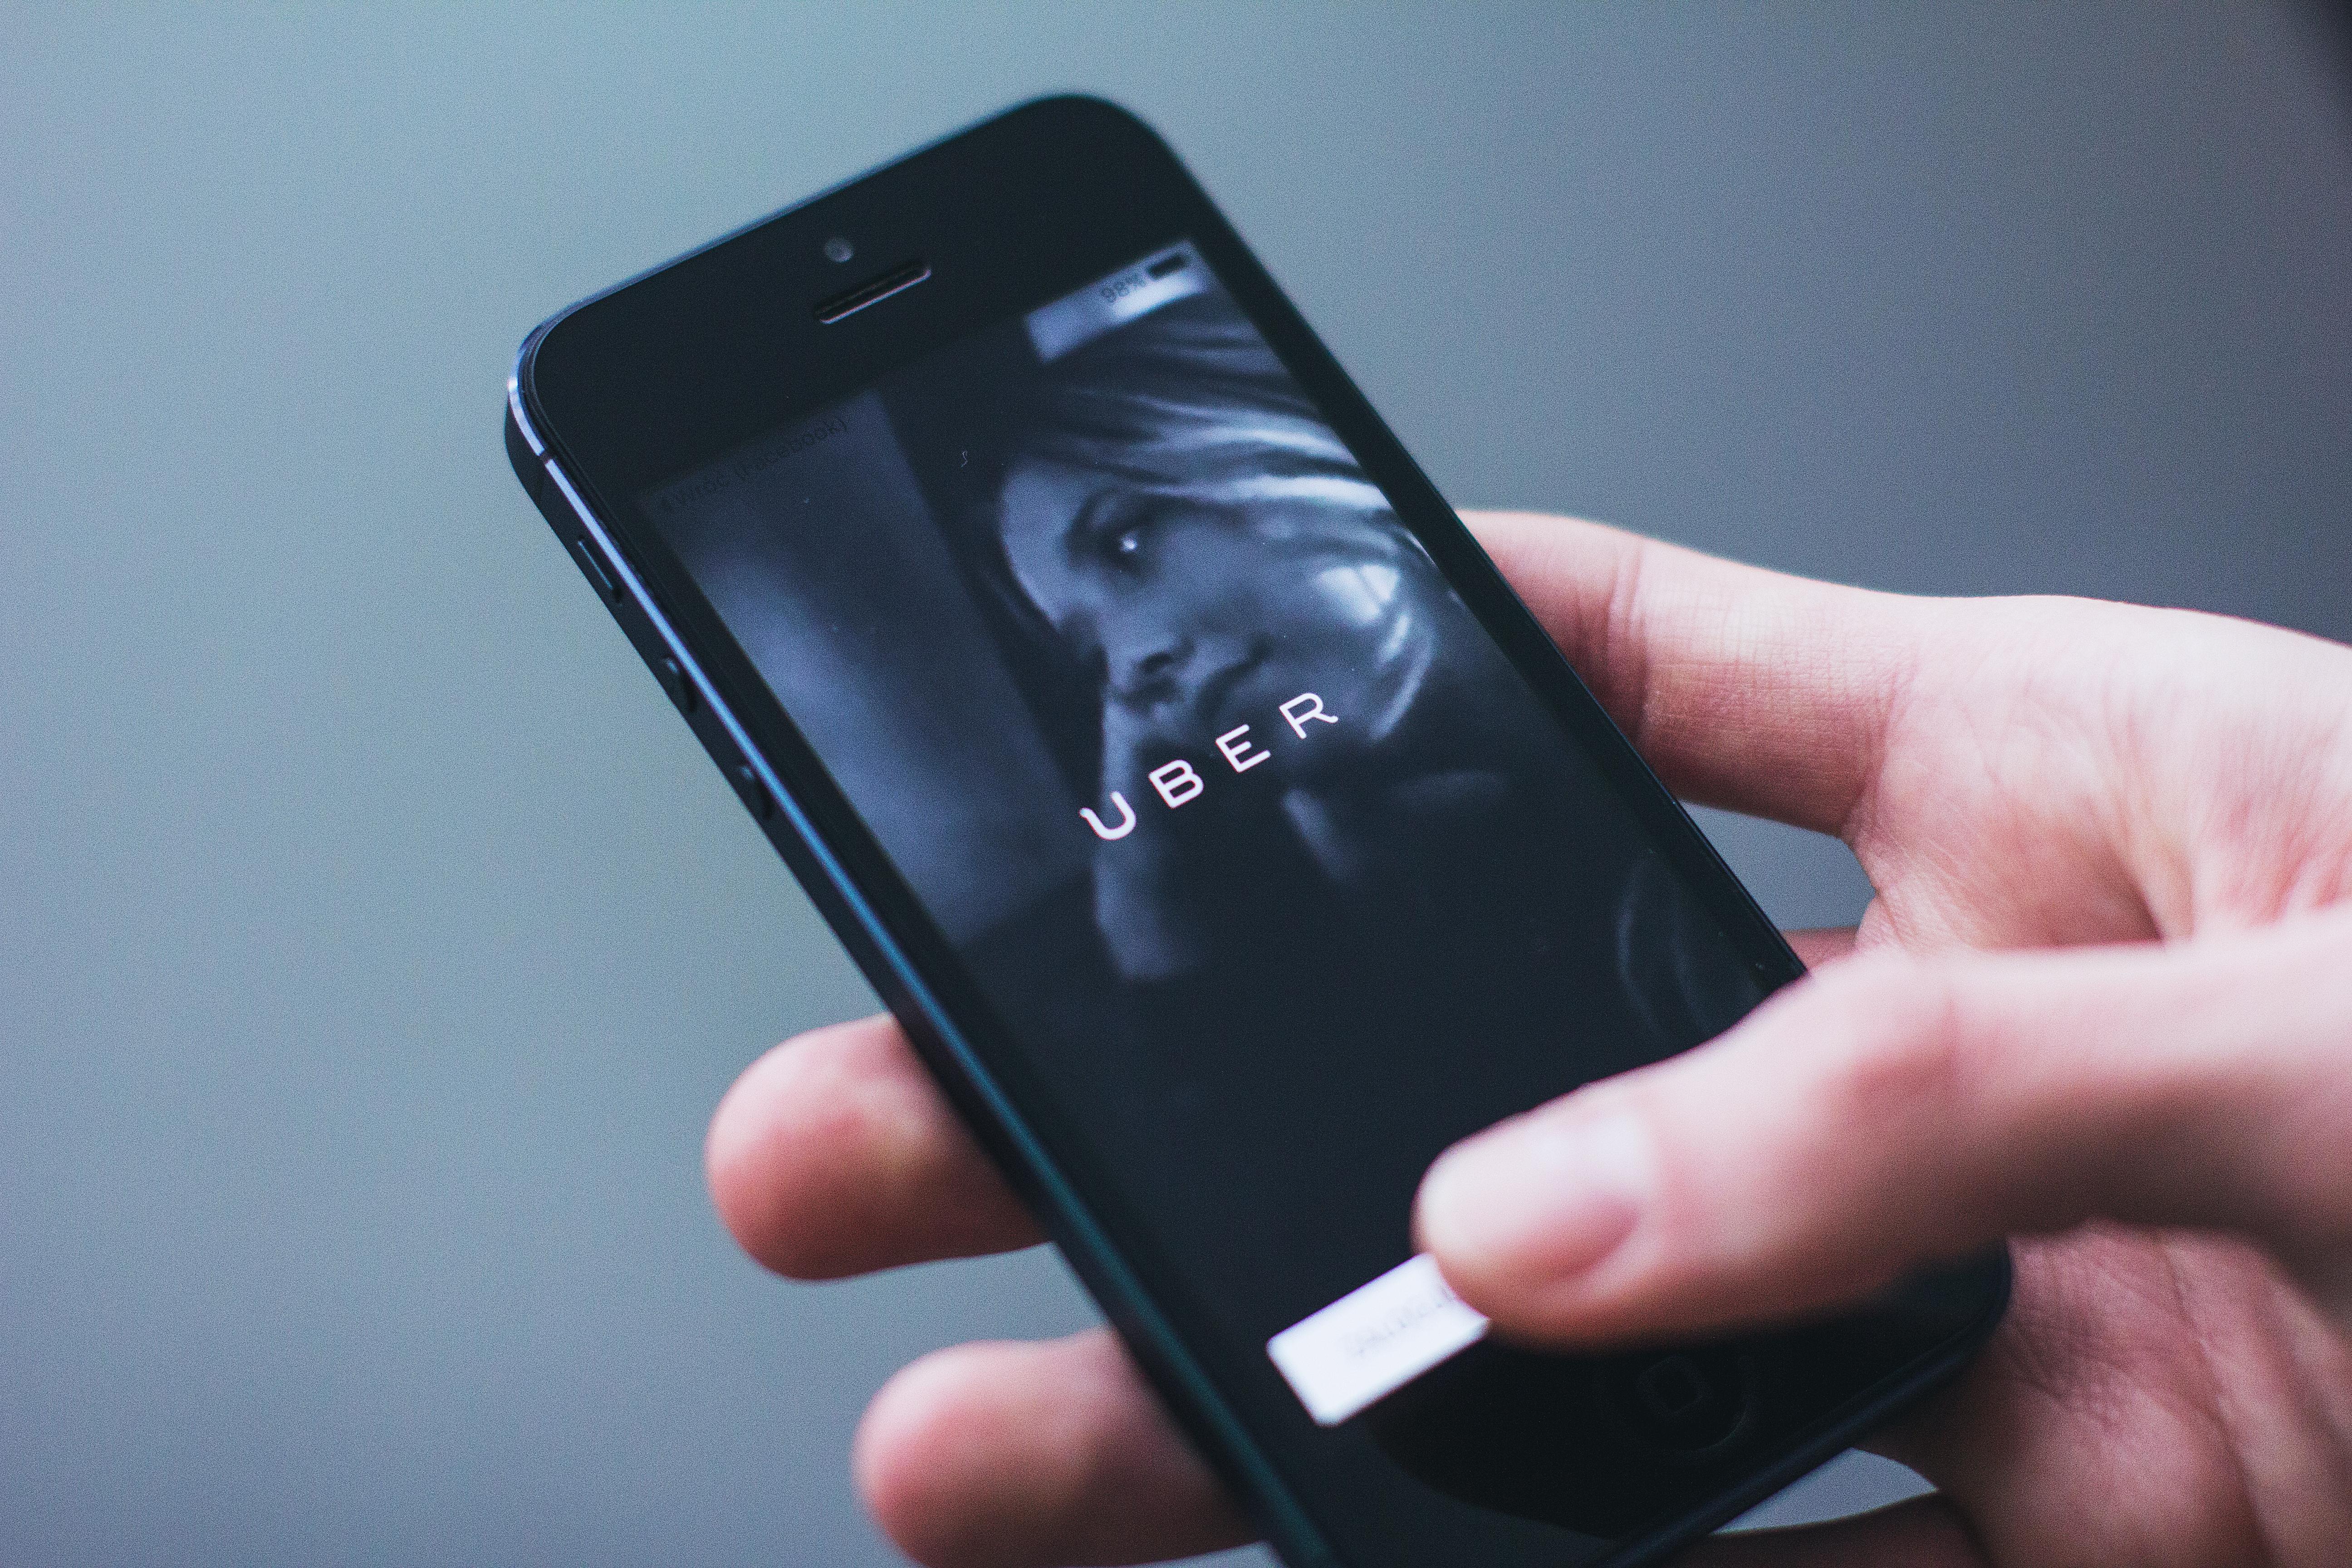 uber-cjue-europe-europ